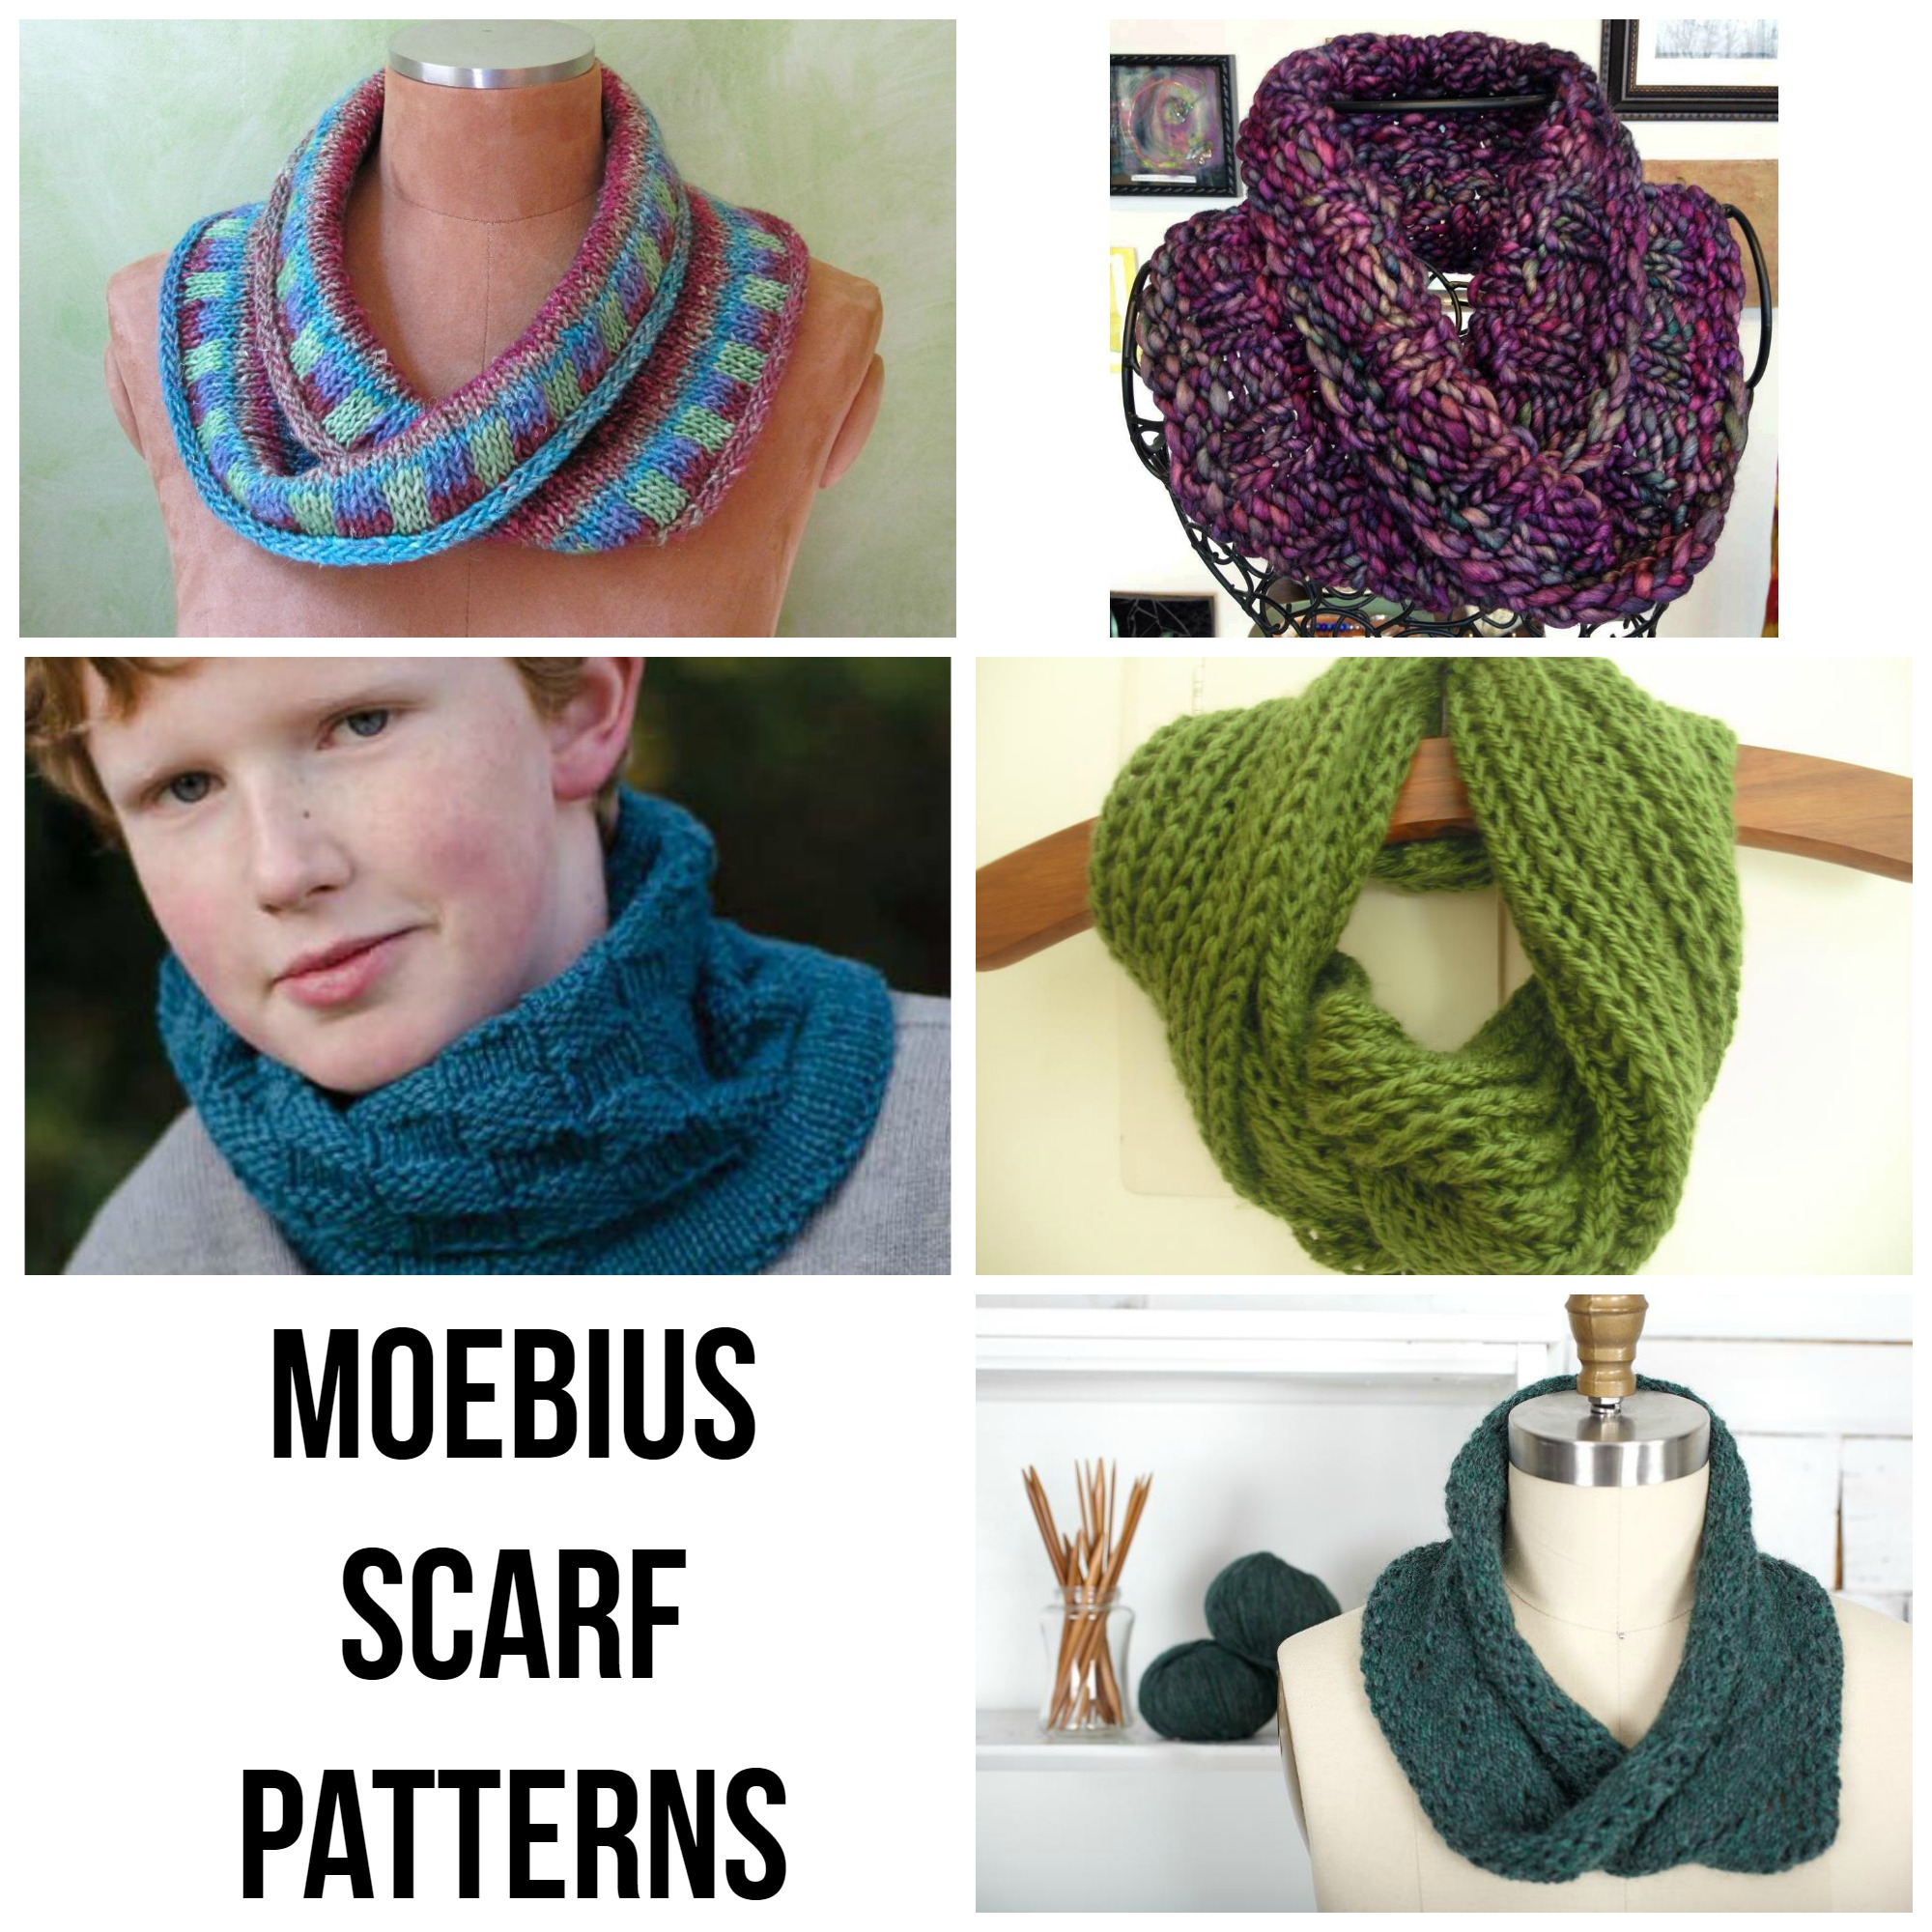 Free Mobius Scarf Knitting Pattern 10 Moebius Scarf Pattern Picks On Craftsy